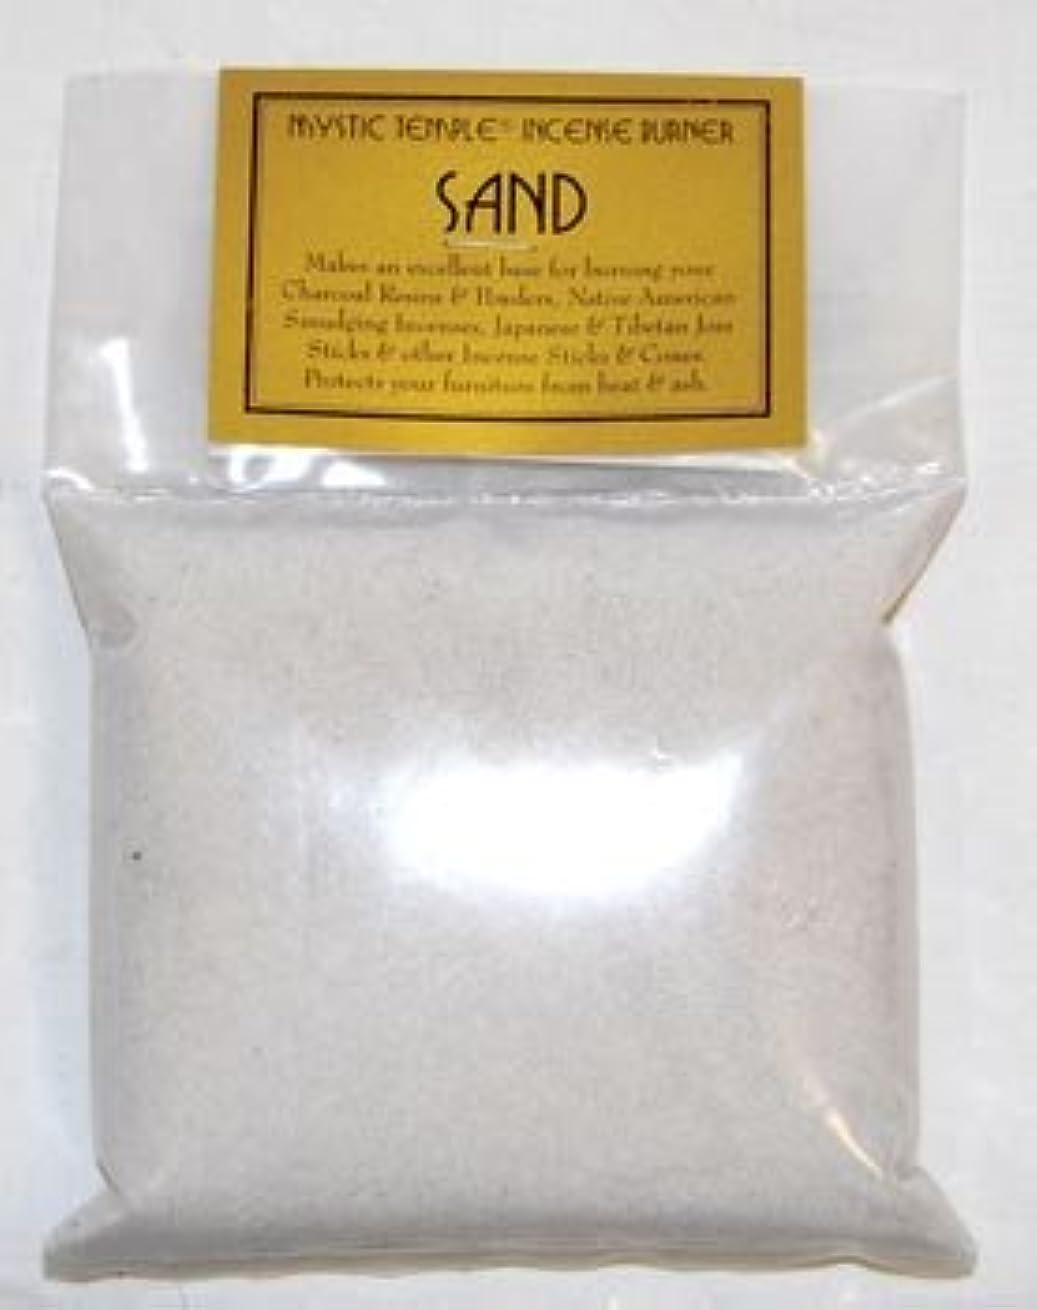 無能グラフみ新しい1lbホワイト香炉砂( Incense Burners、チャコール、アクセサリー